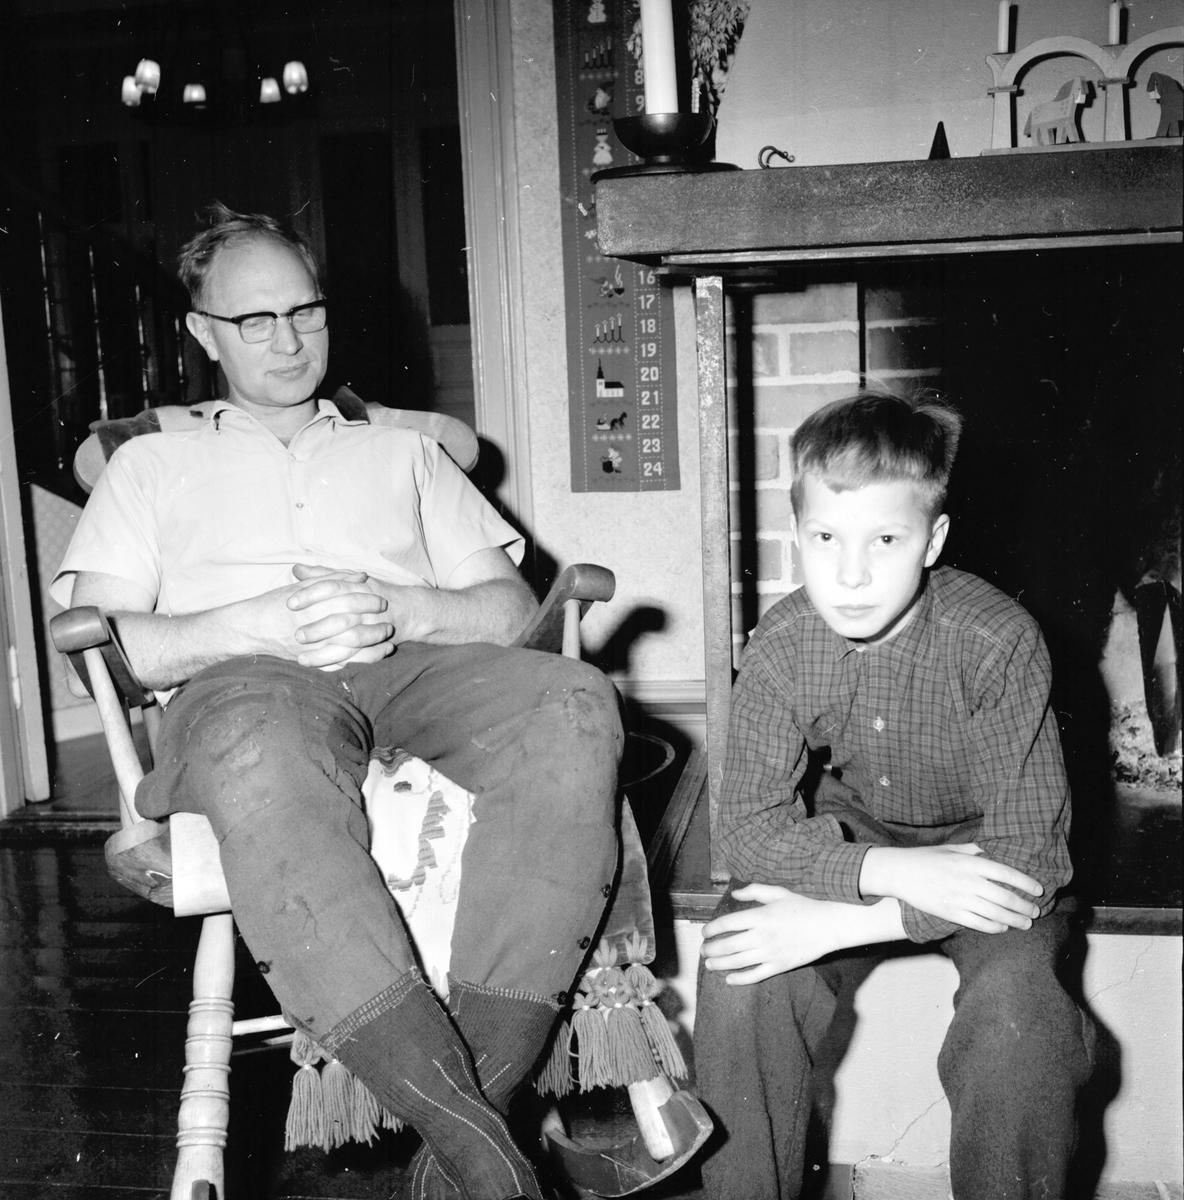 Mo, Flordal, Florhed, 28 Dec 1965